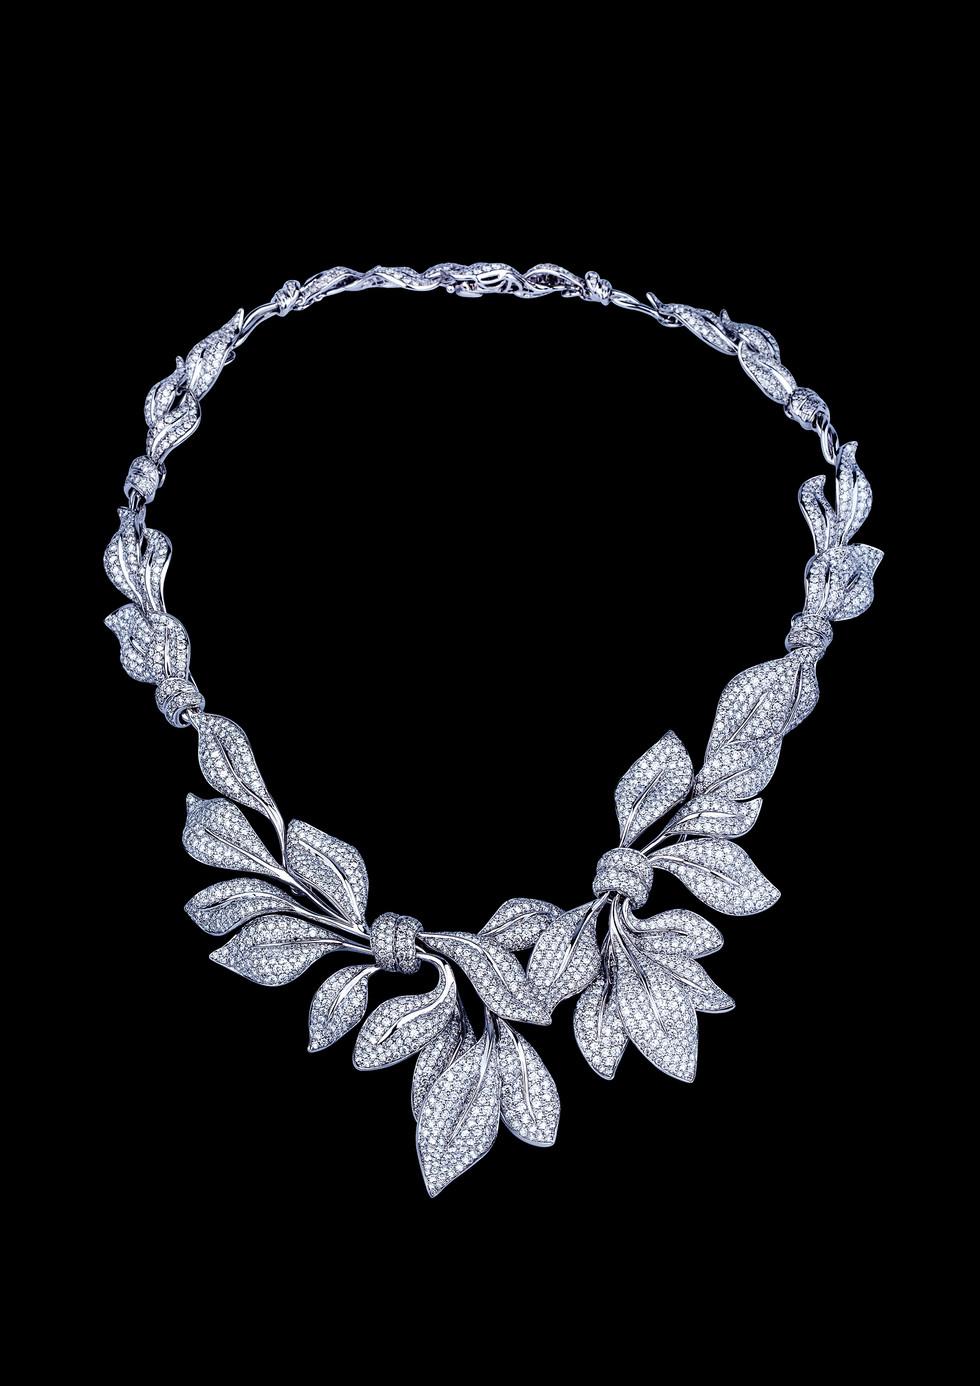 Arton Jewelry Branding6.jpg